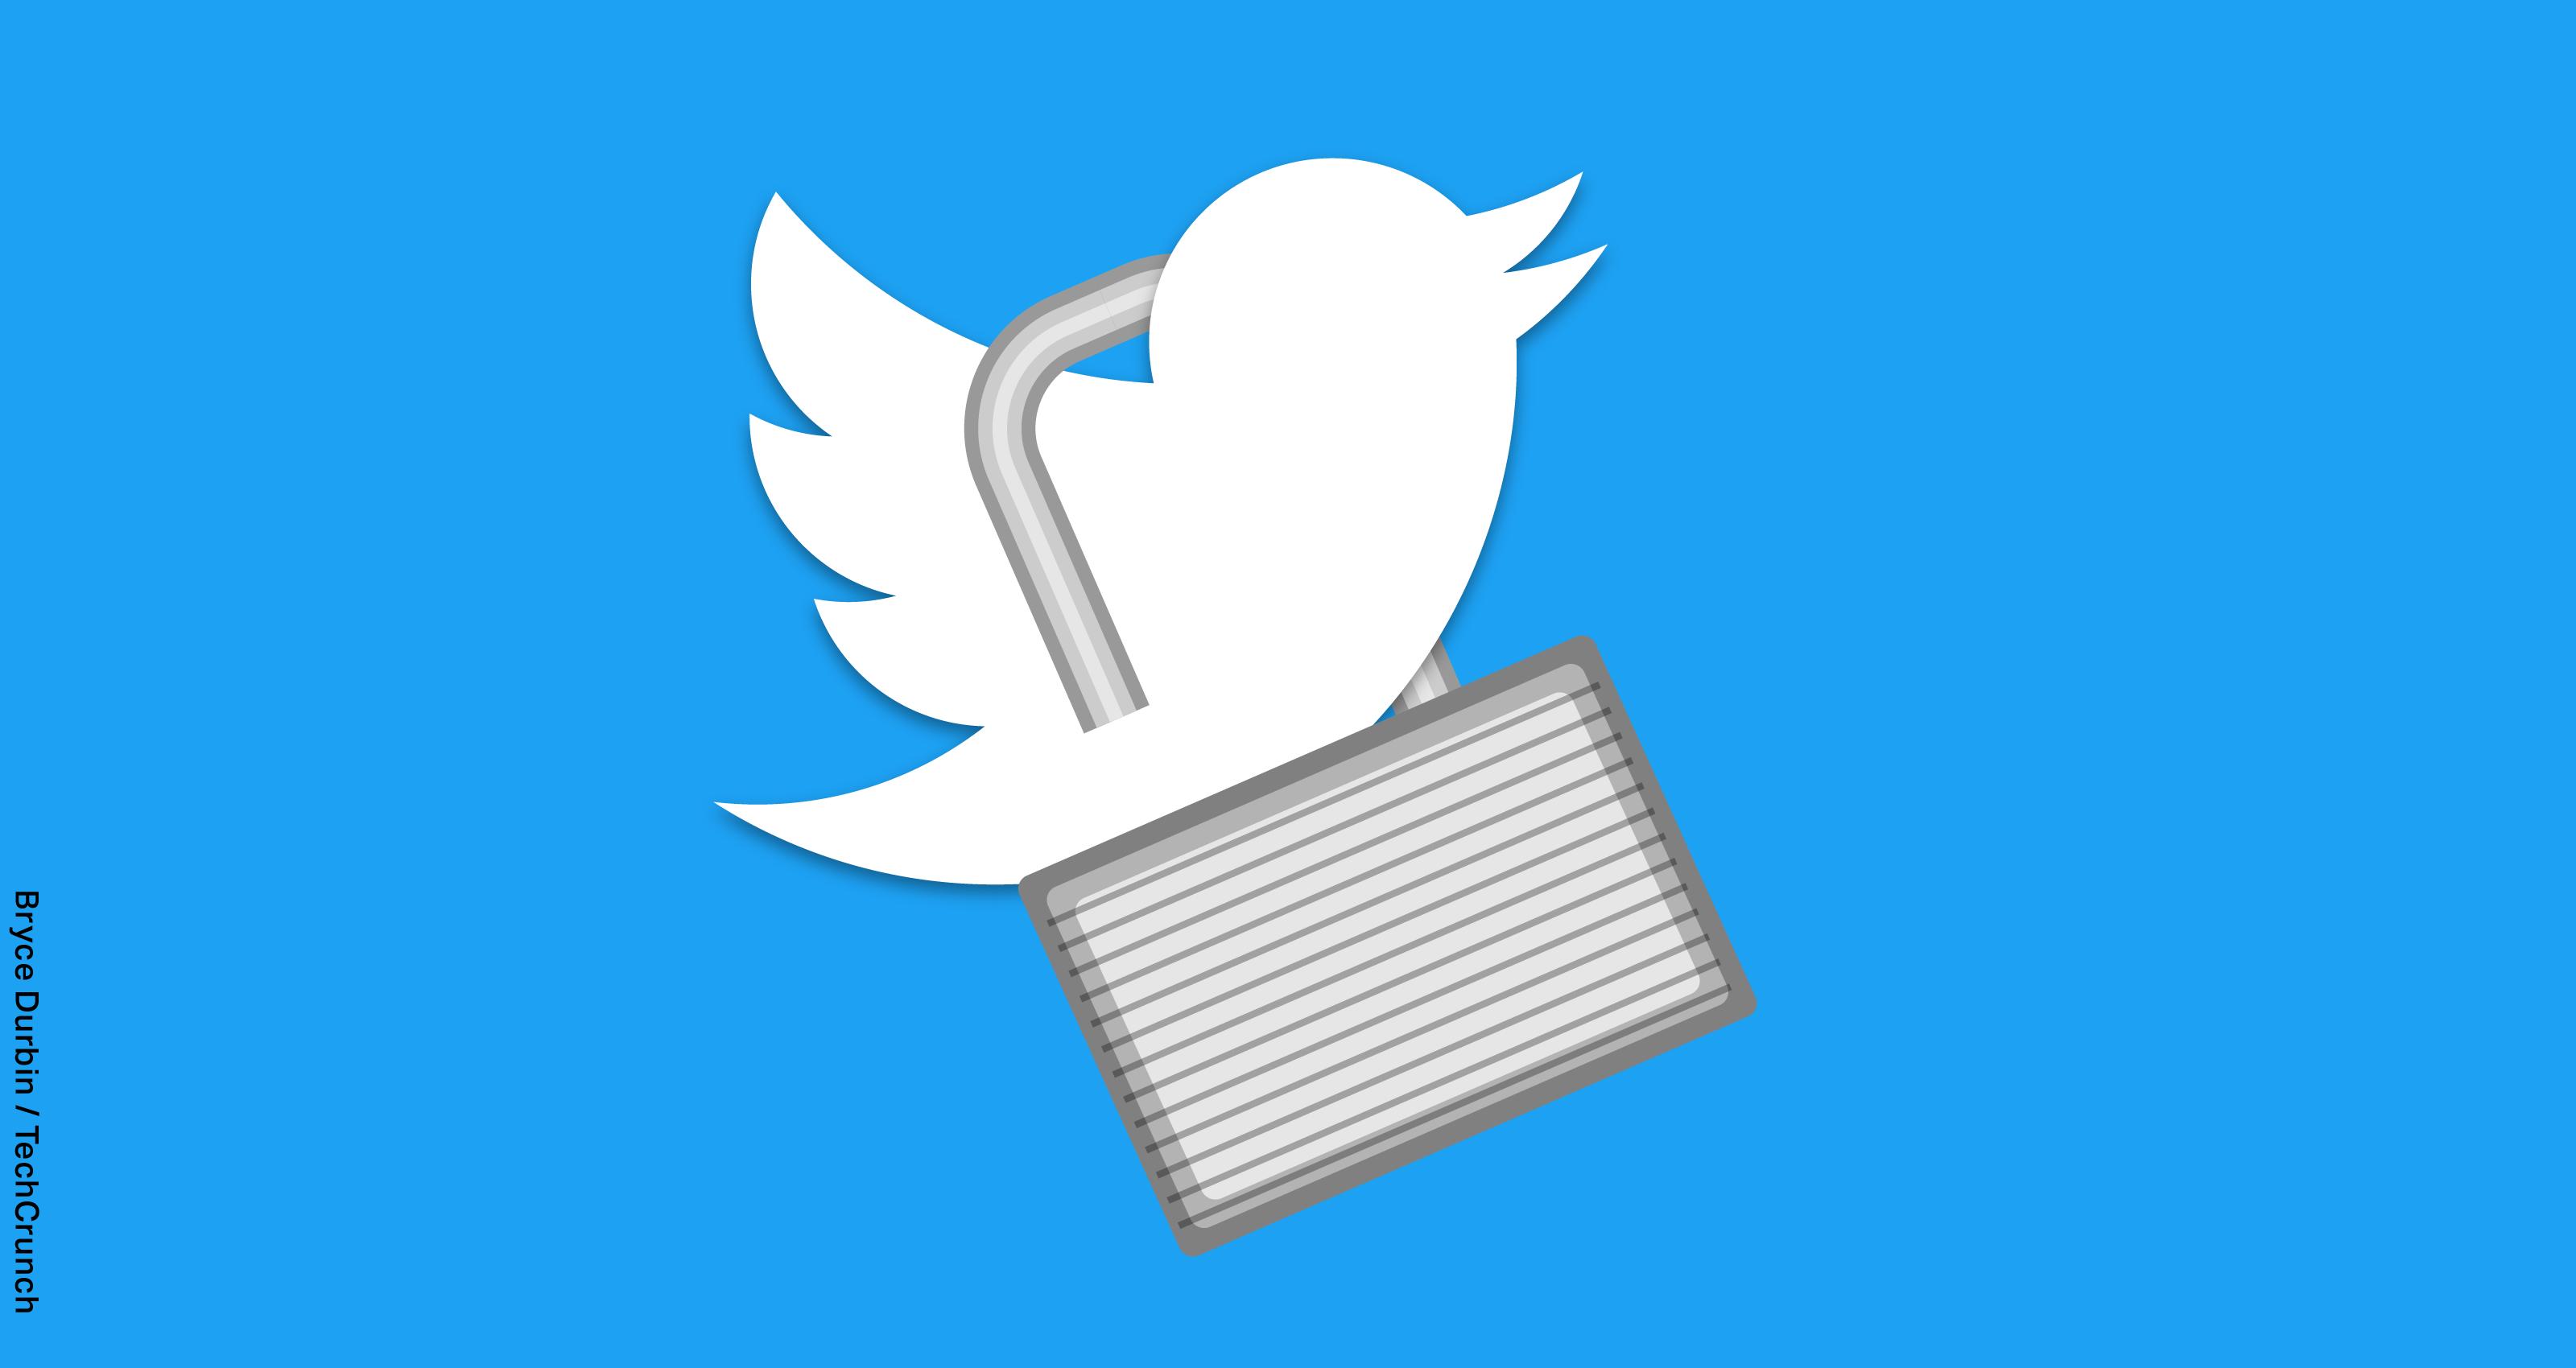 Через месяц Twitter может быть заблокирован в России без суда